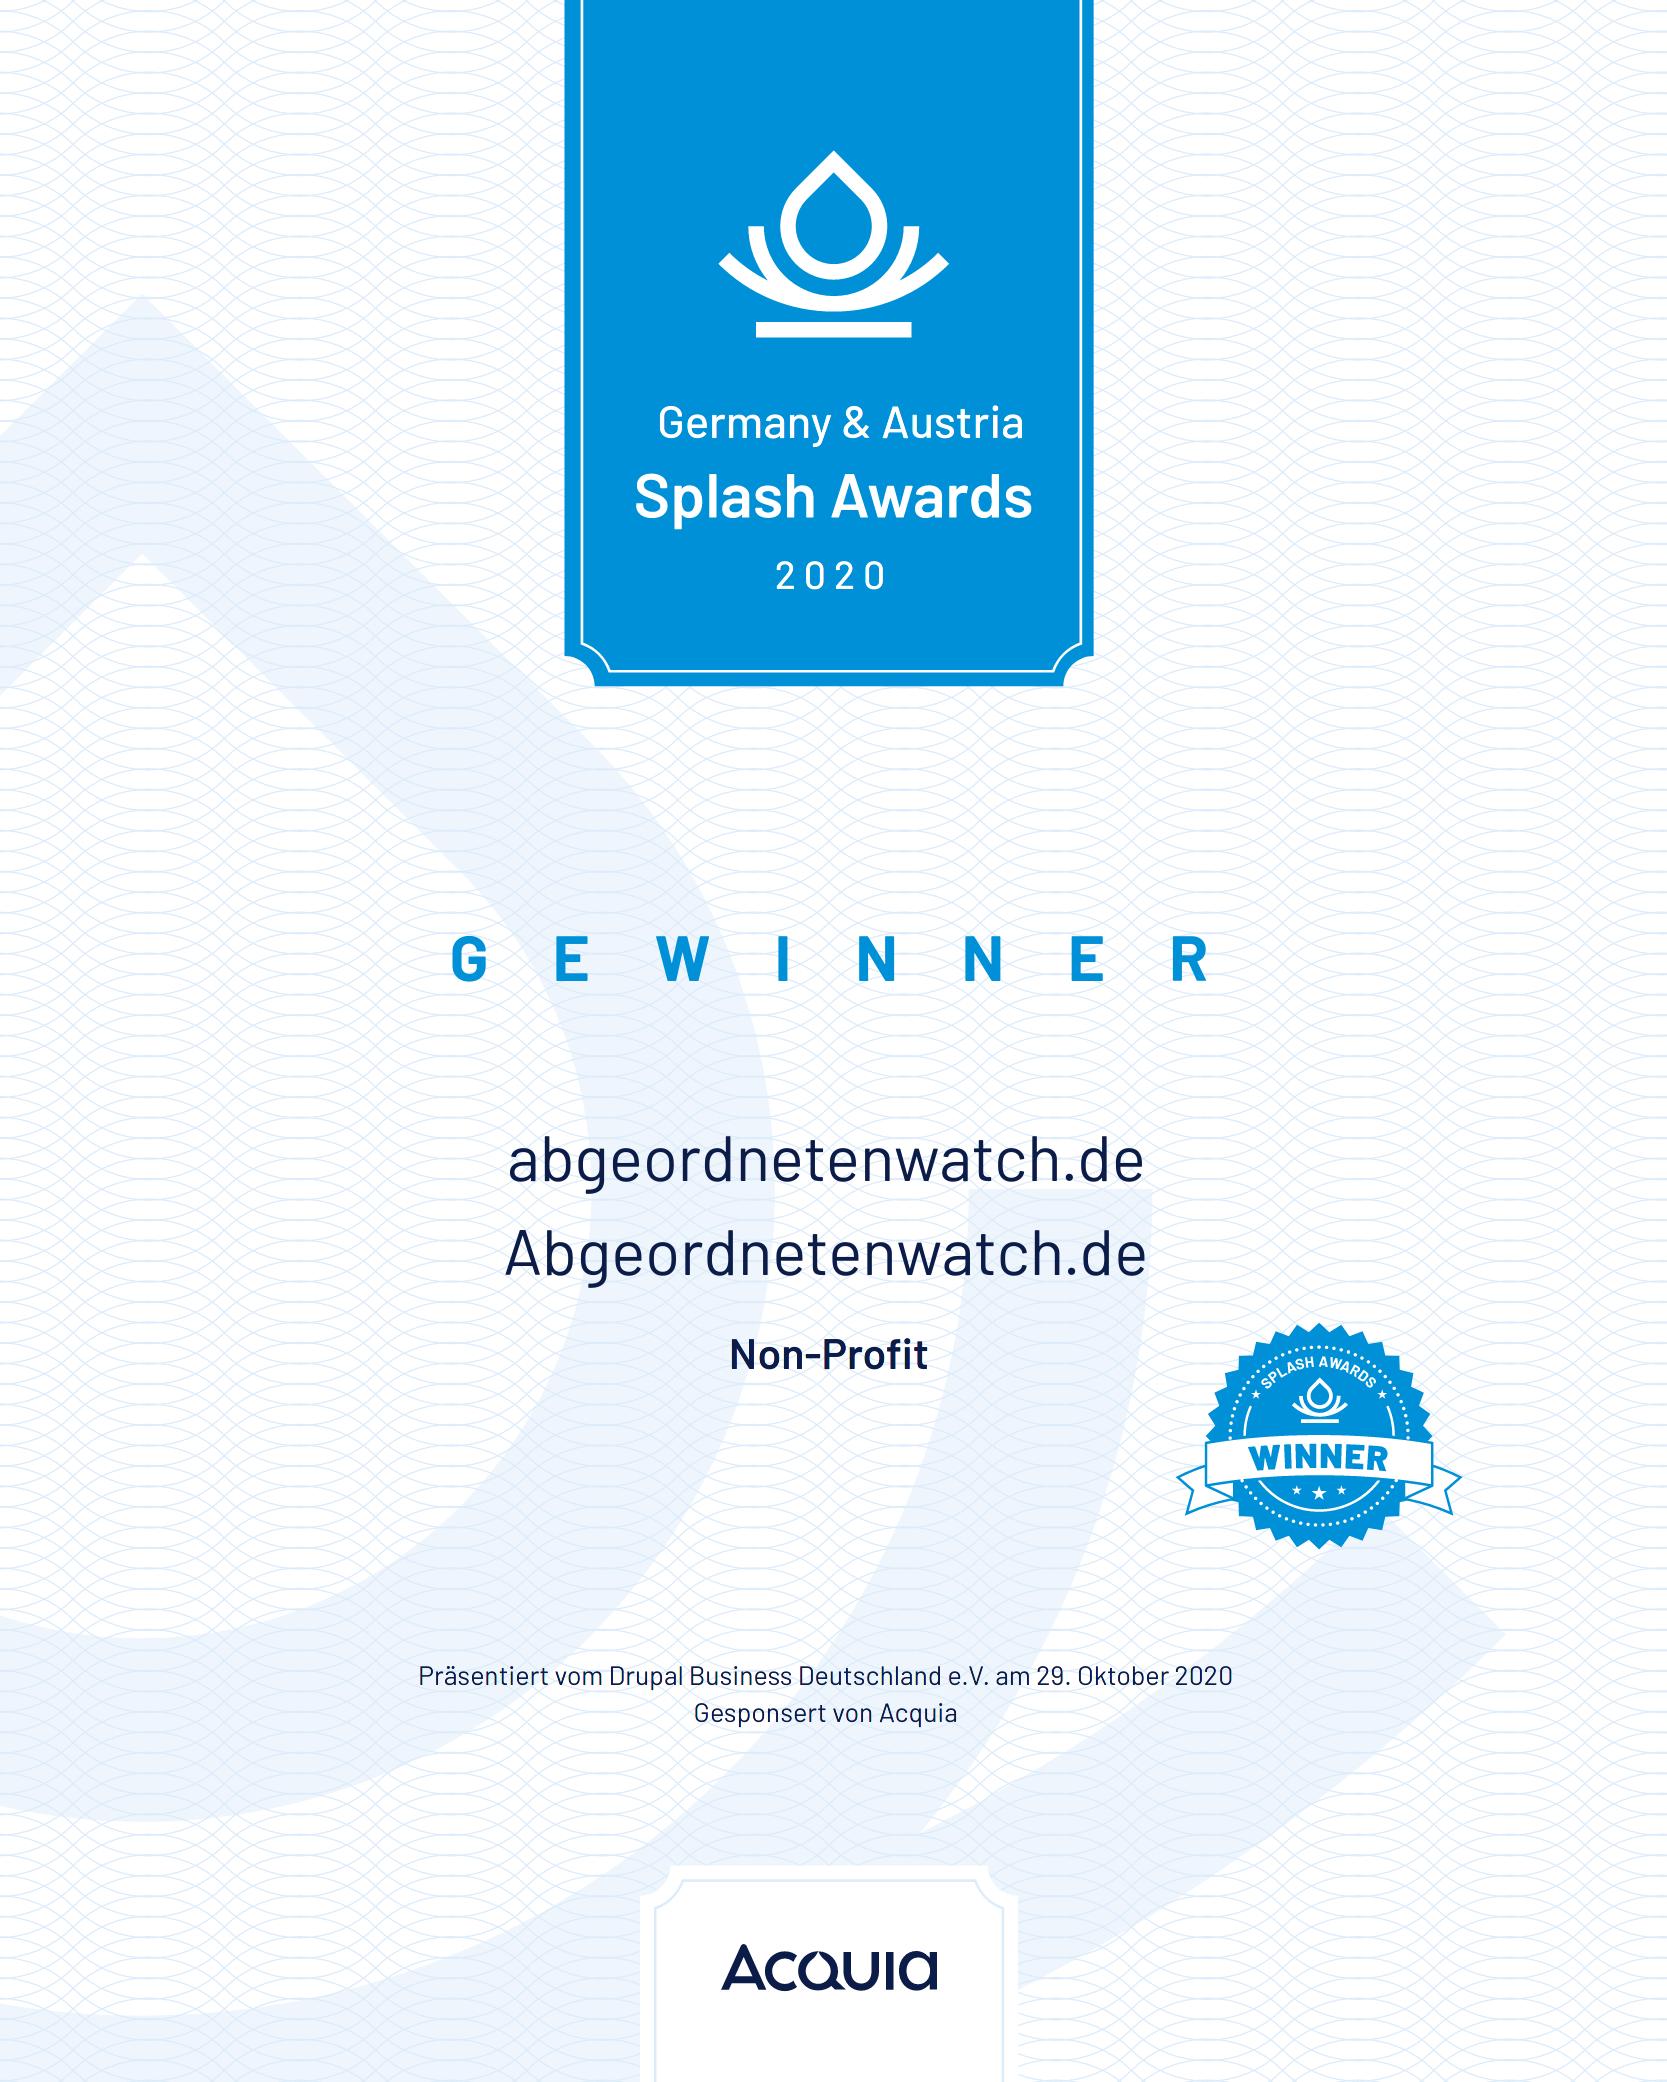 Splash awards certificate